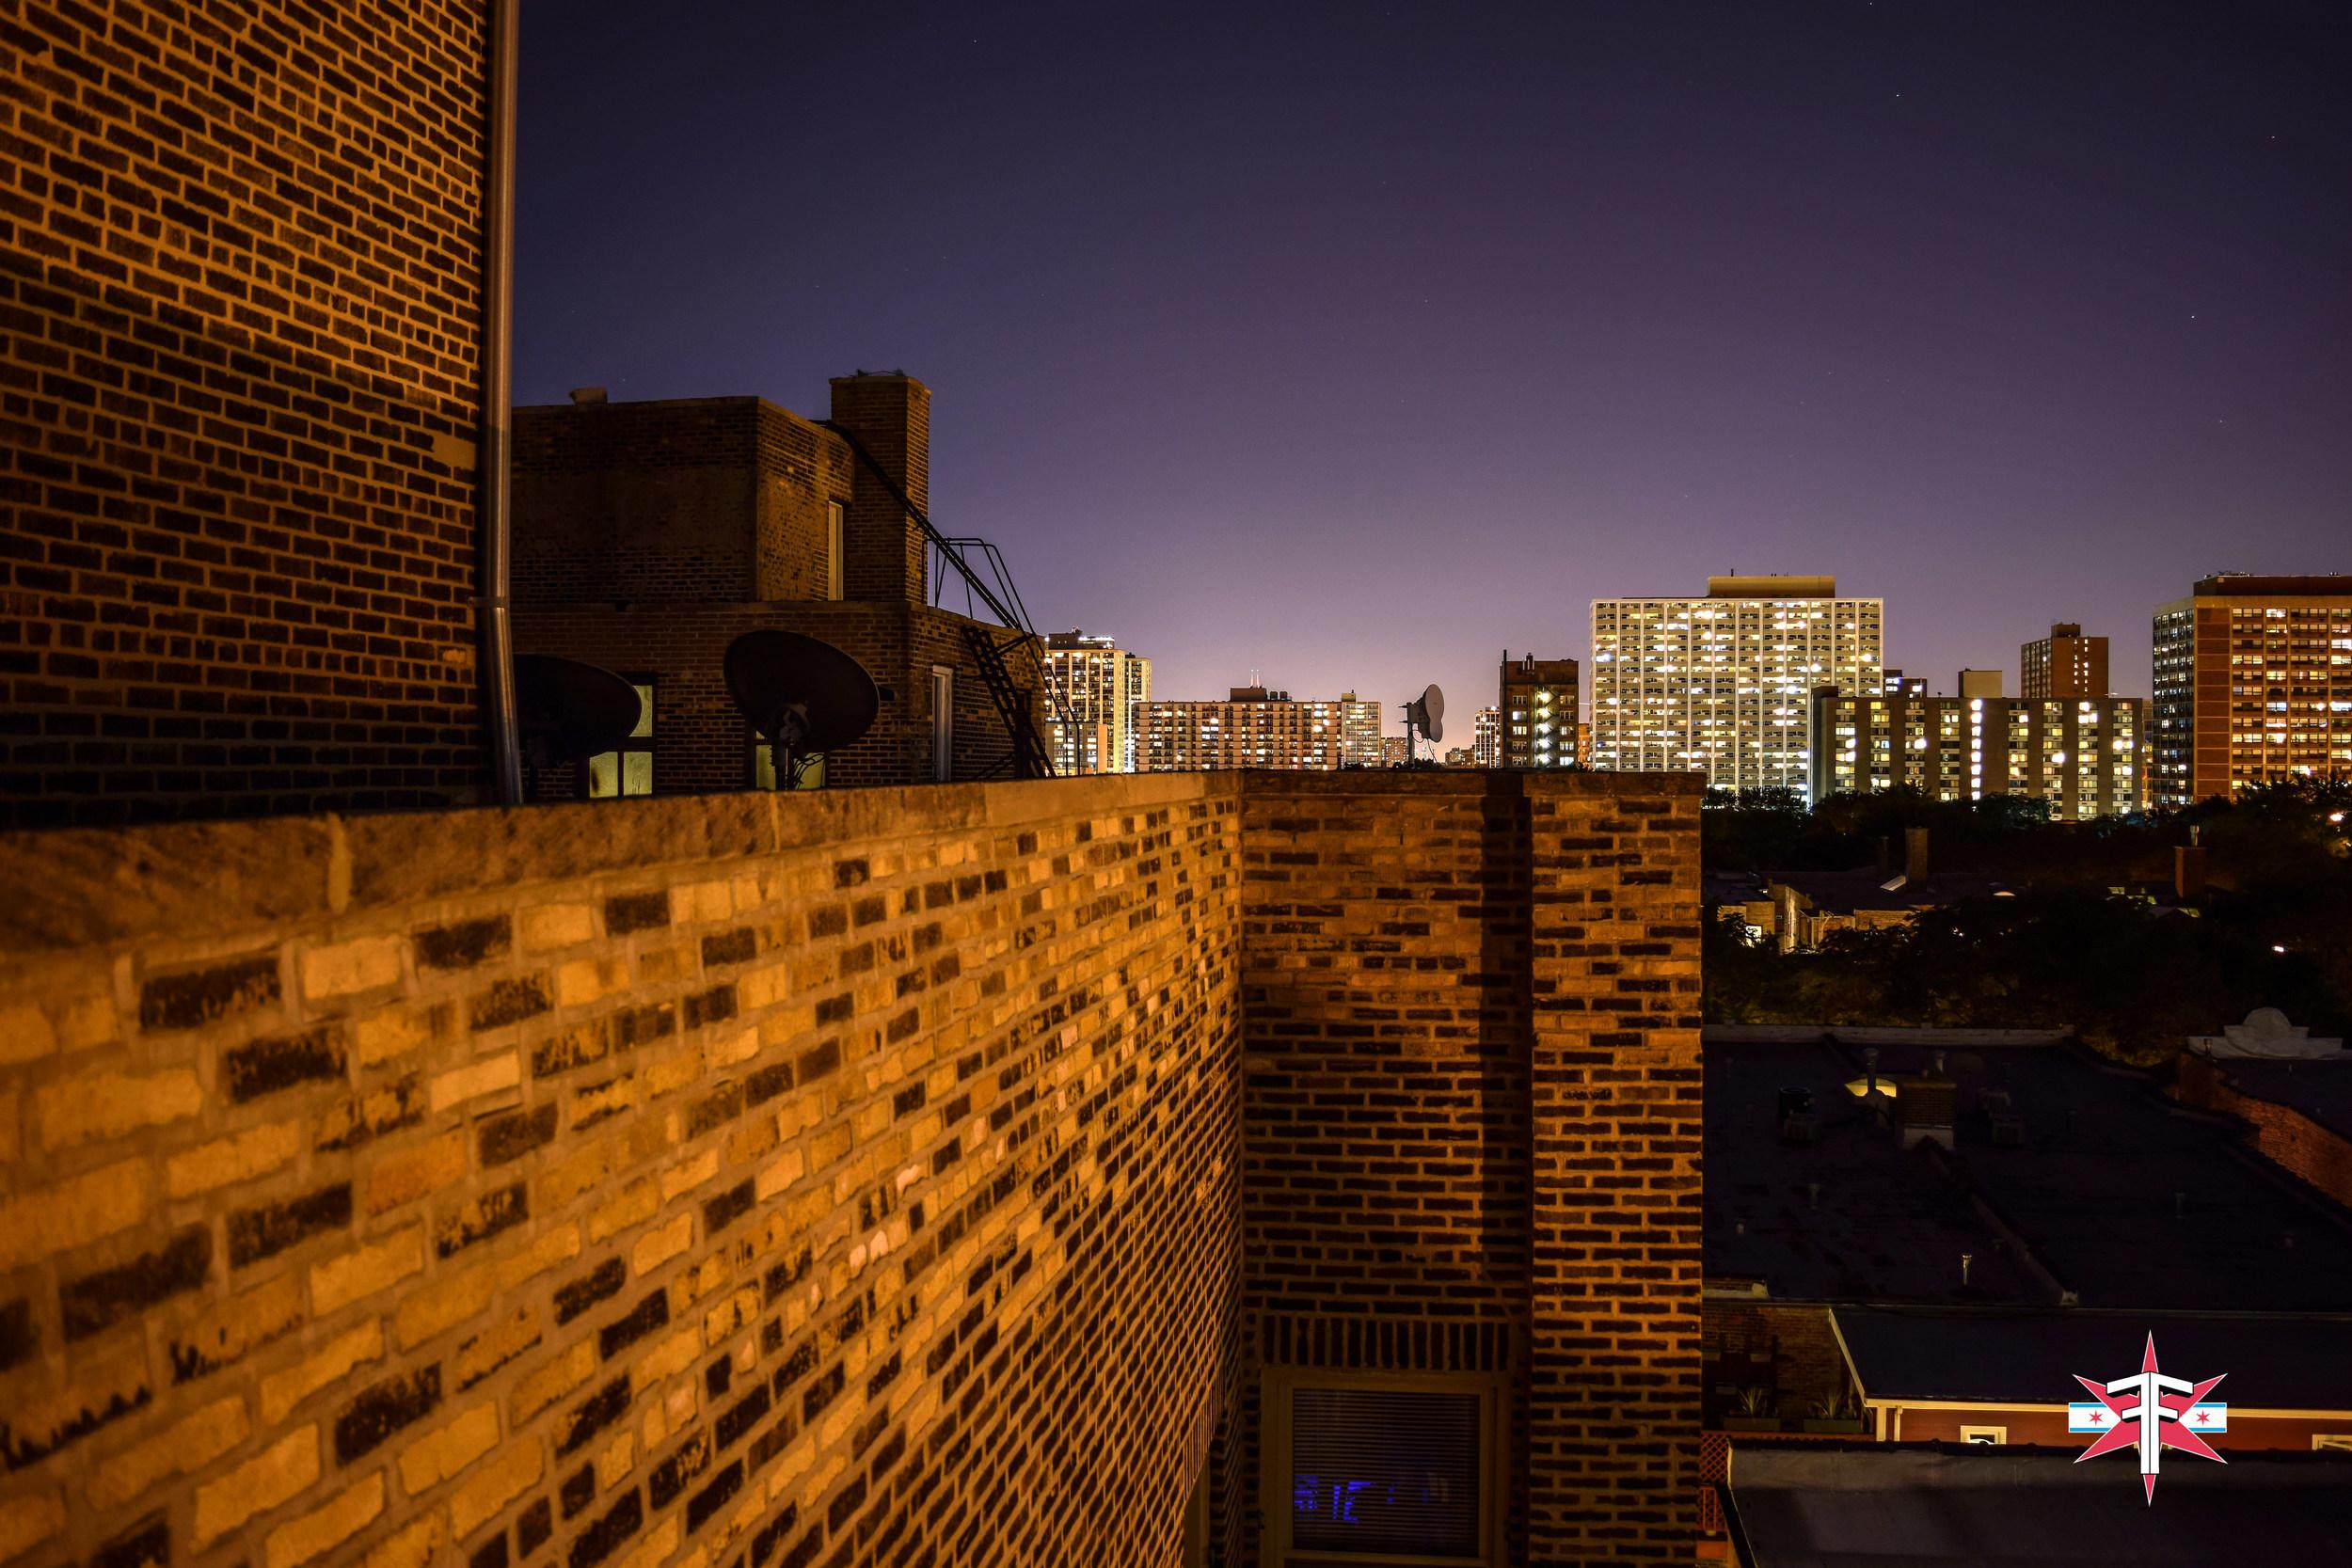 chicago art architecture eric formato photography design arquitectura architettura buildings skyscraper skyscrapers-26.jpg